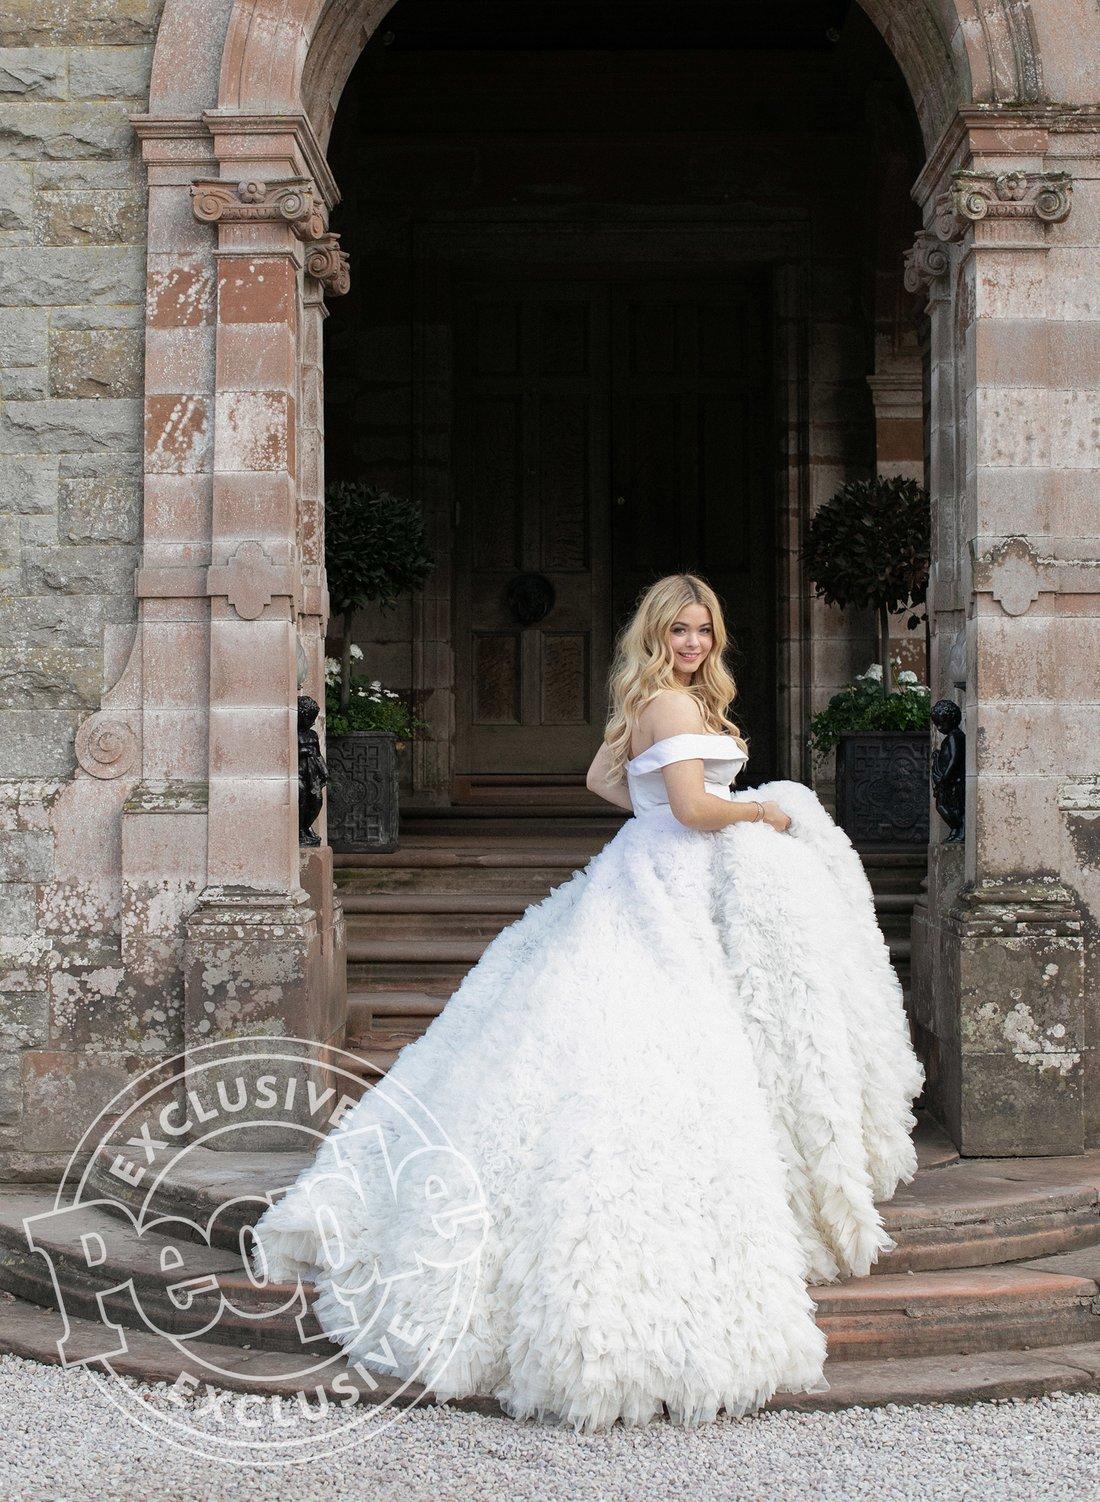 vestido-de-noiva-sasha-pieterse